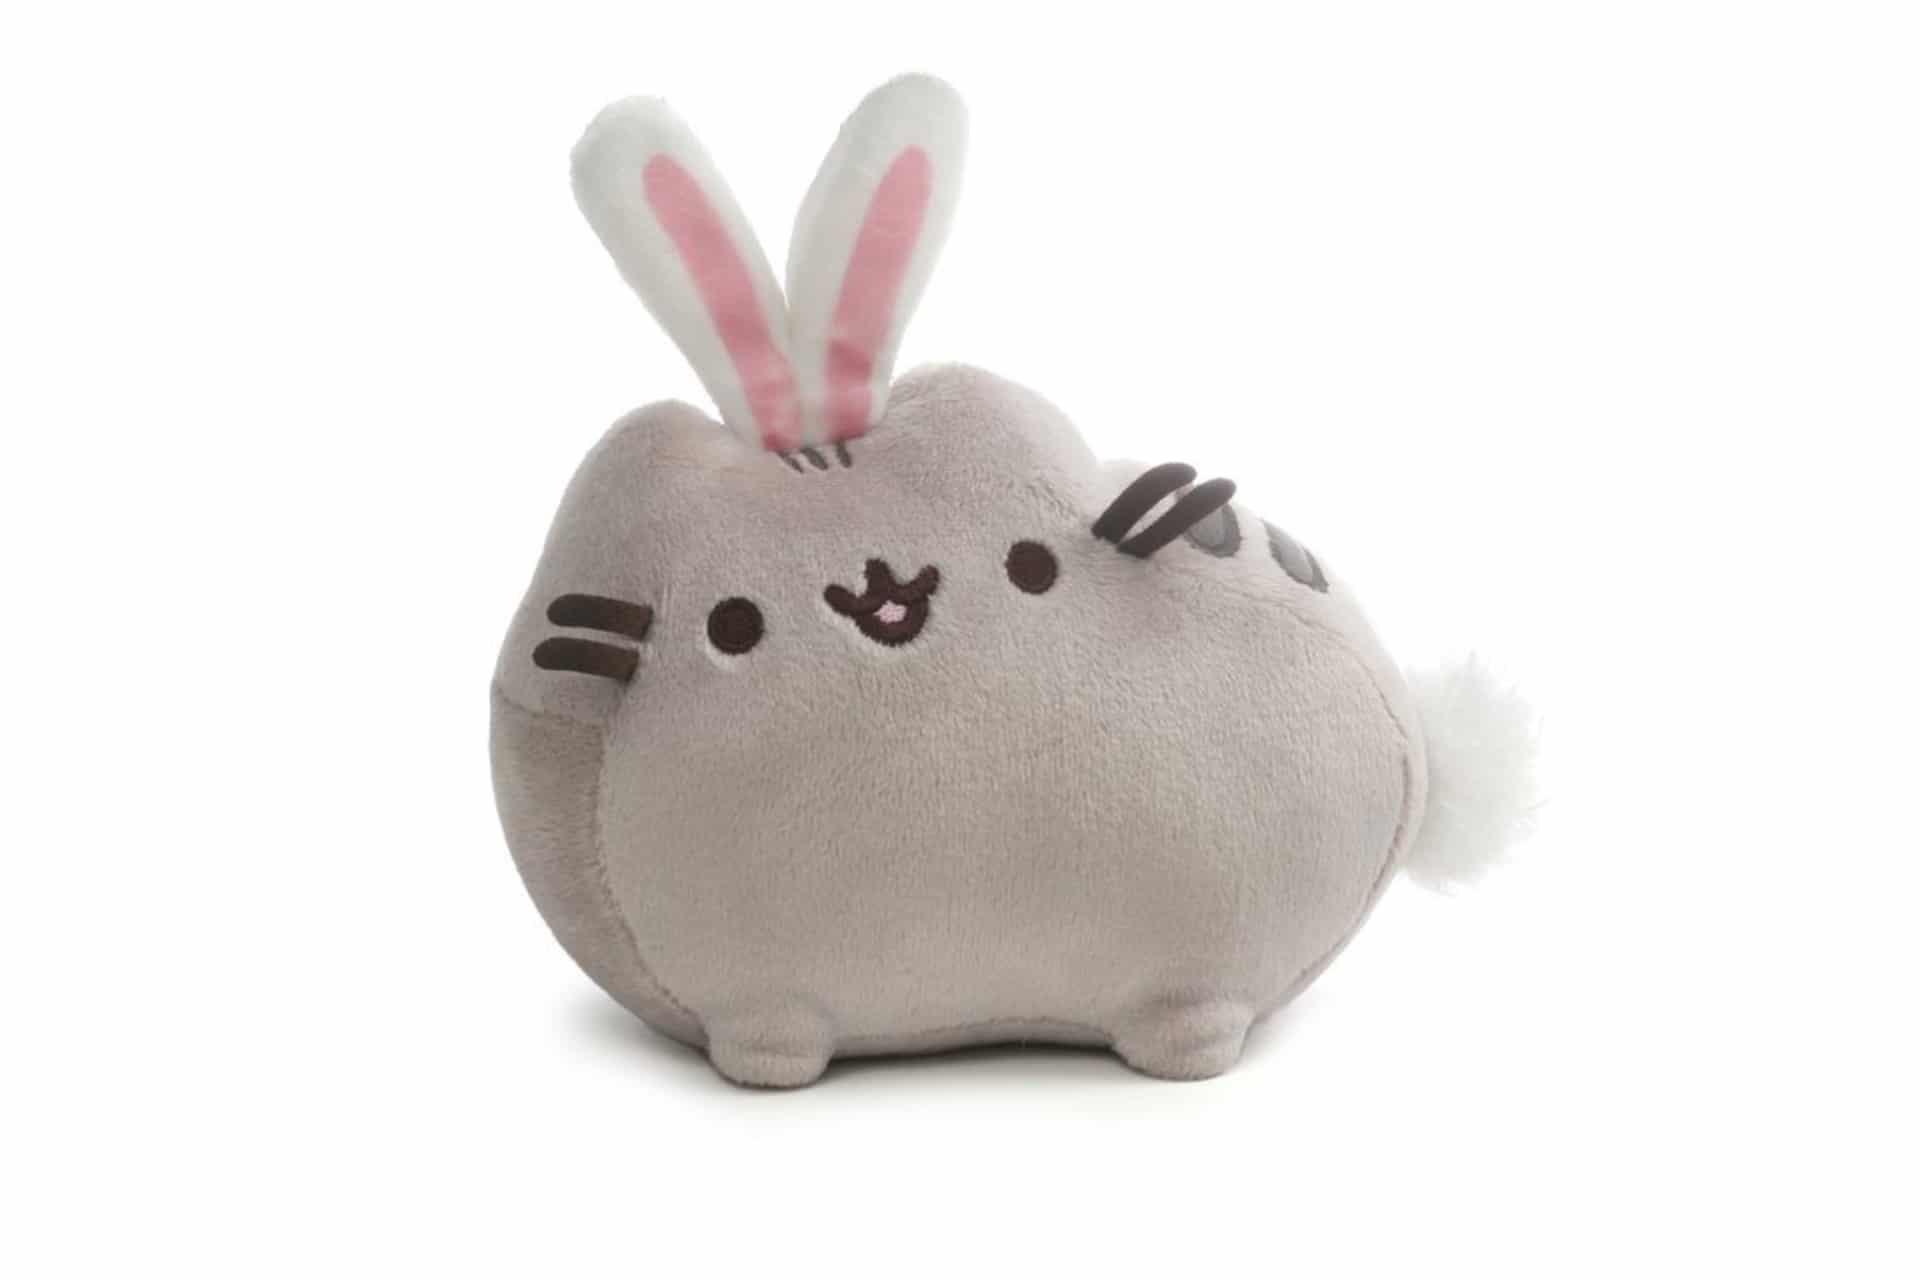 stuffed cat wearing bunny ears